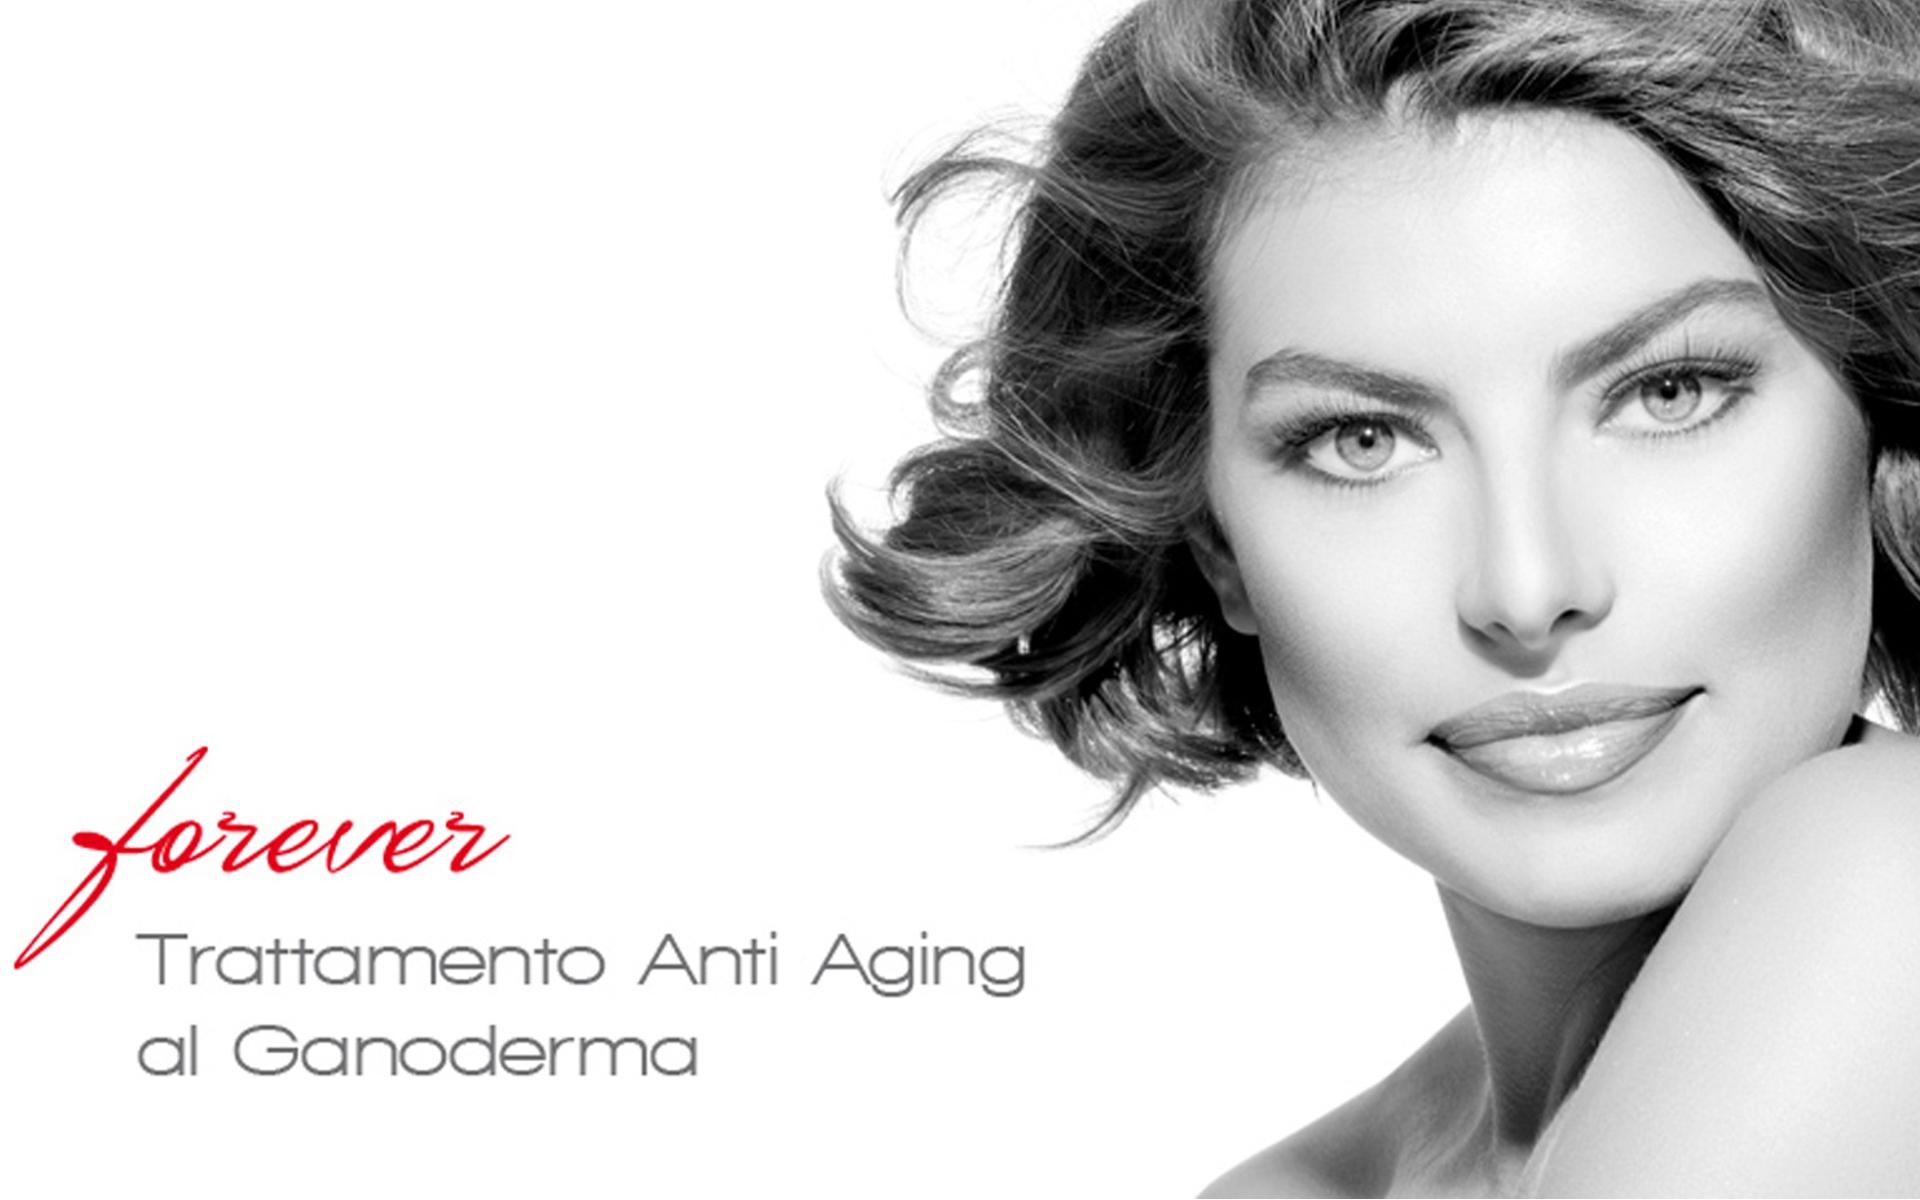 Anti-Aging al Ganoderma